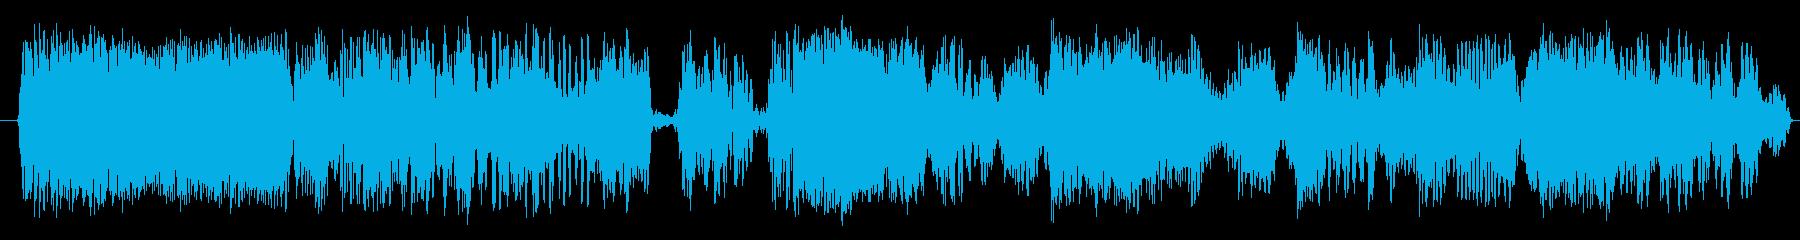 スイープビートの再生済みの波形